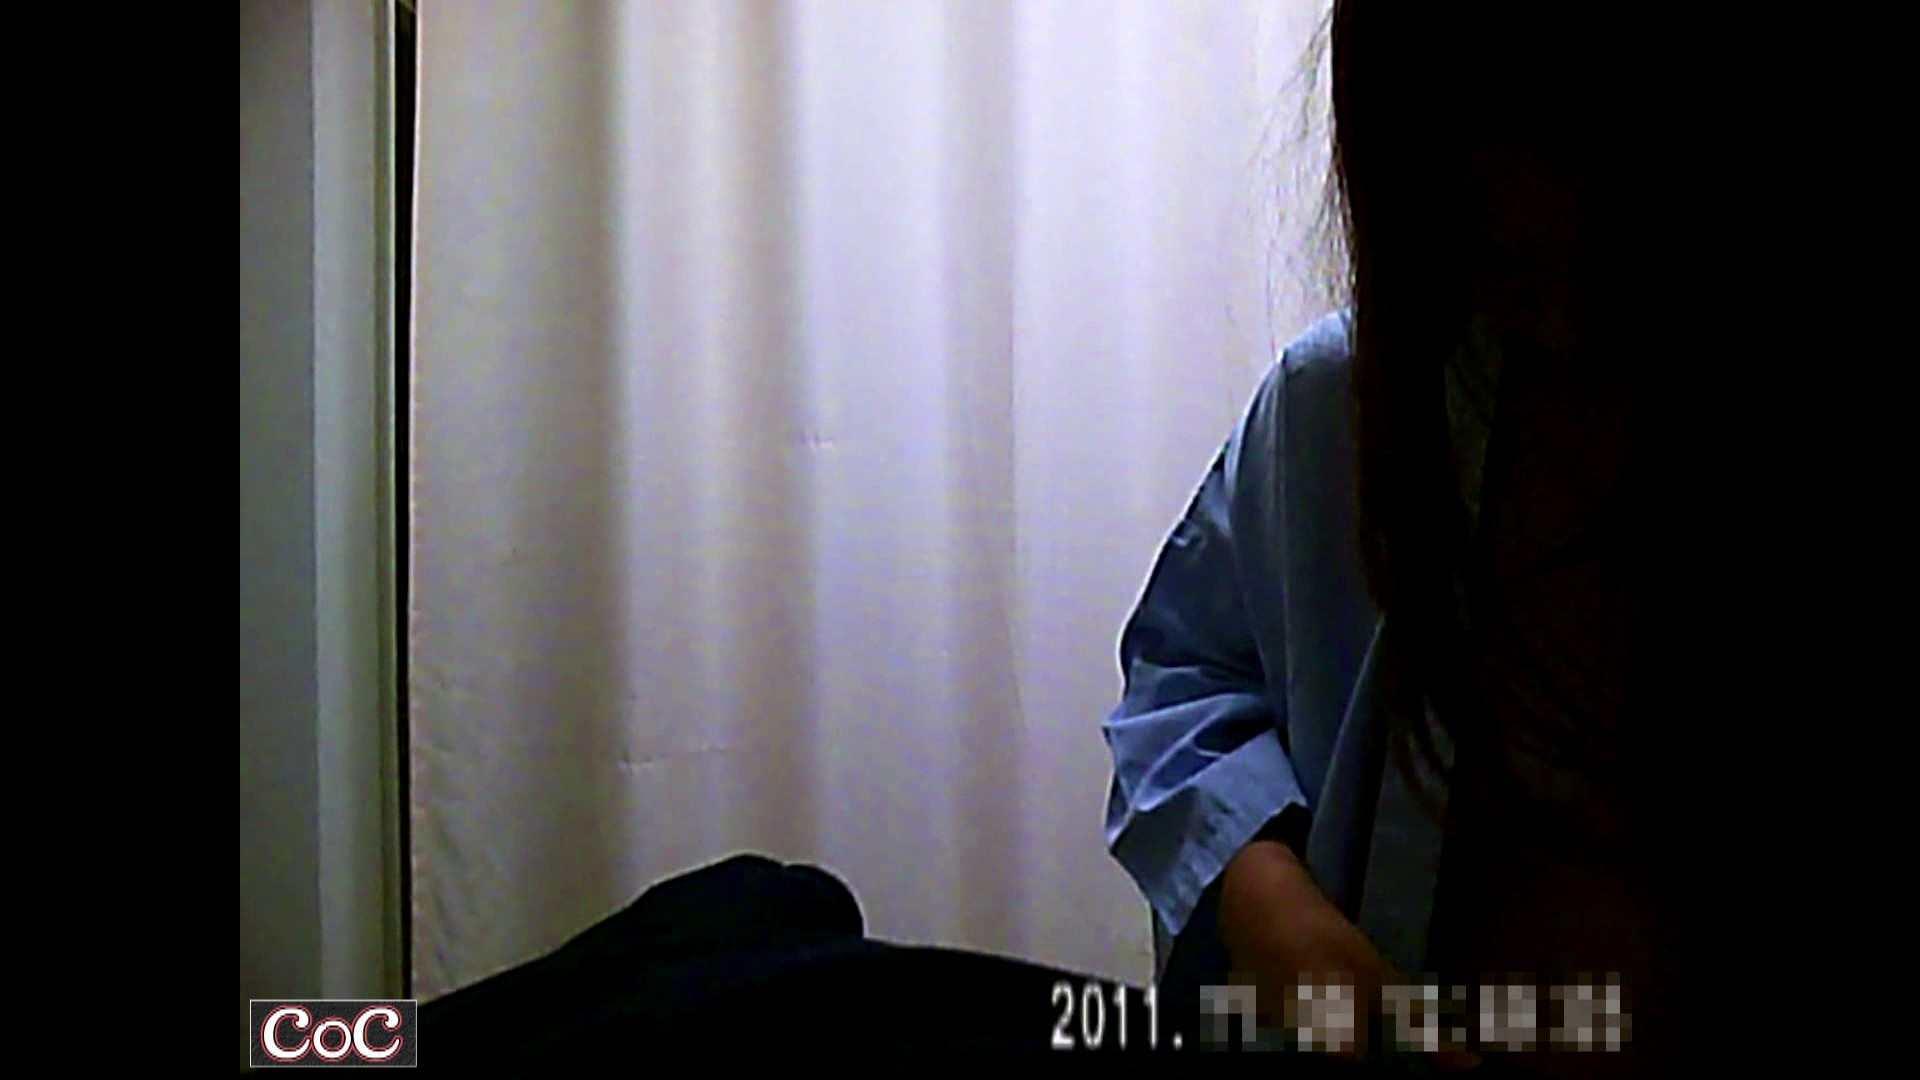 病院おもいっきり着替え! vol.86 盗撮師作品 隠し撮りオマンコ動画紹介 88pic 86